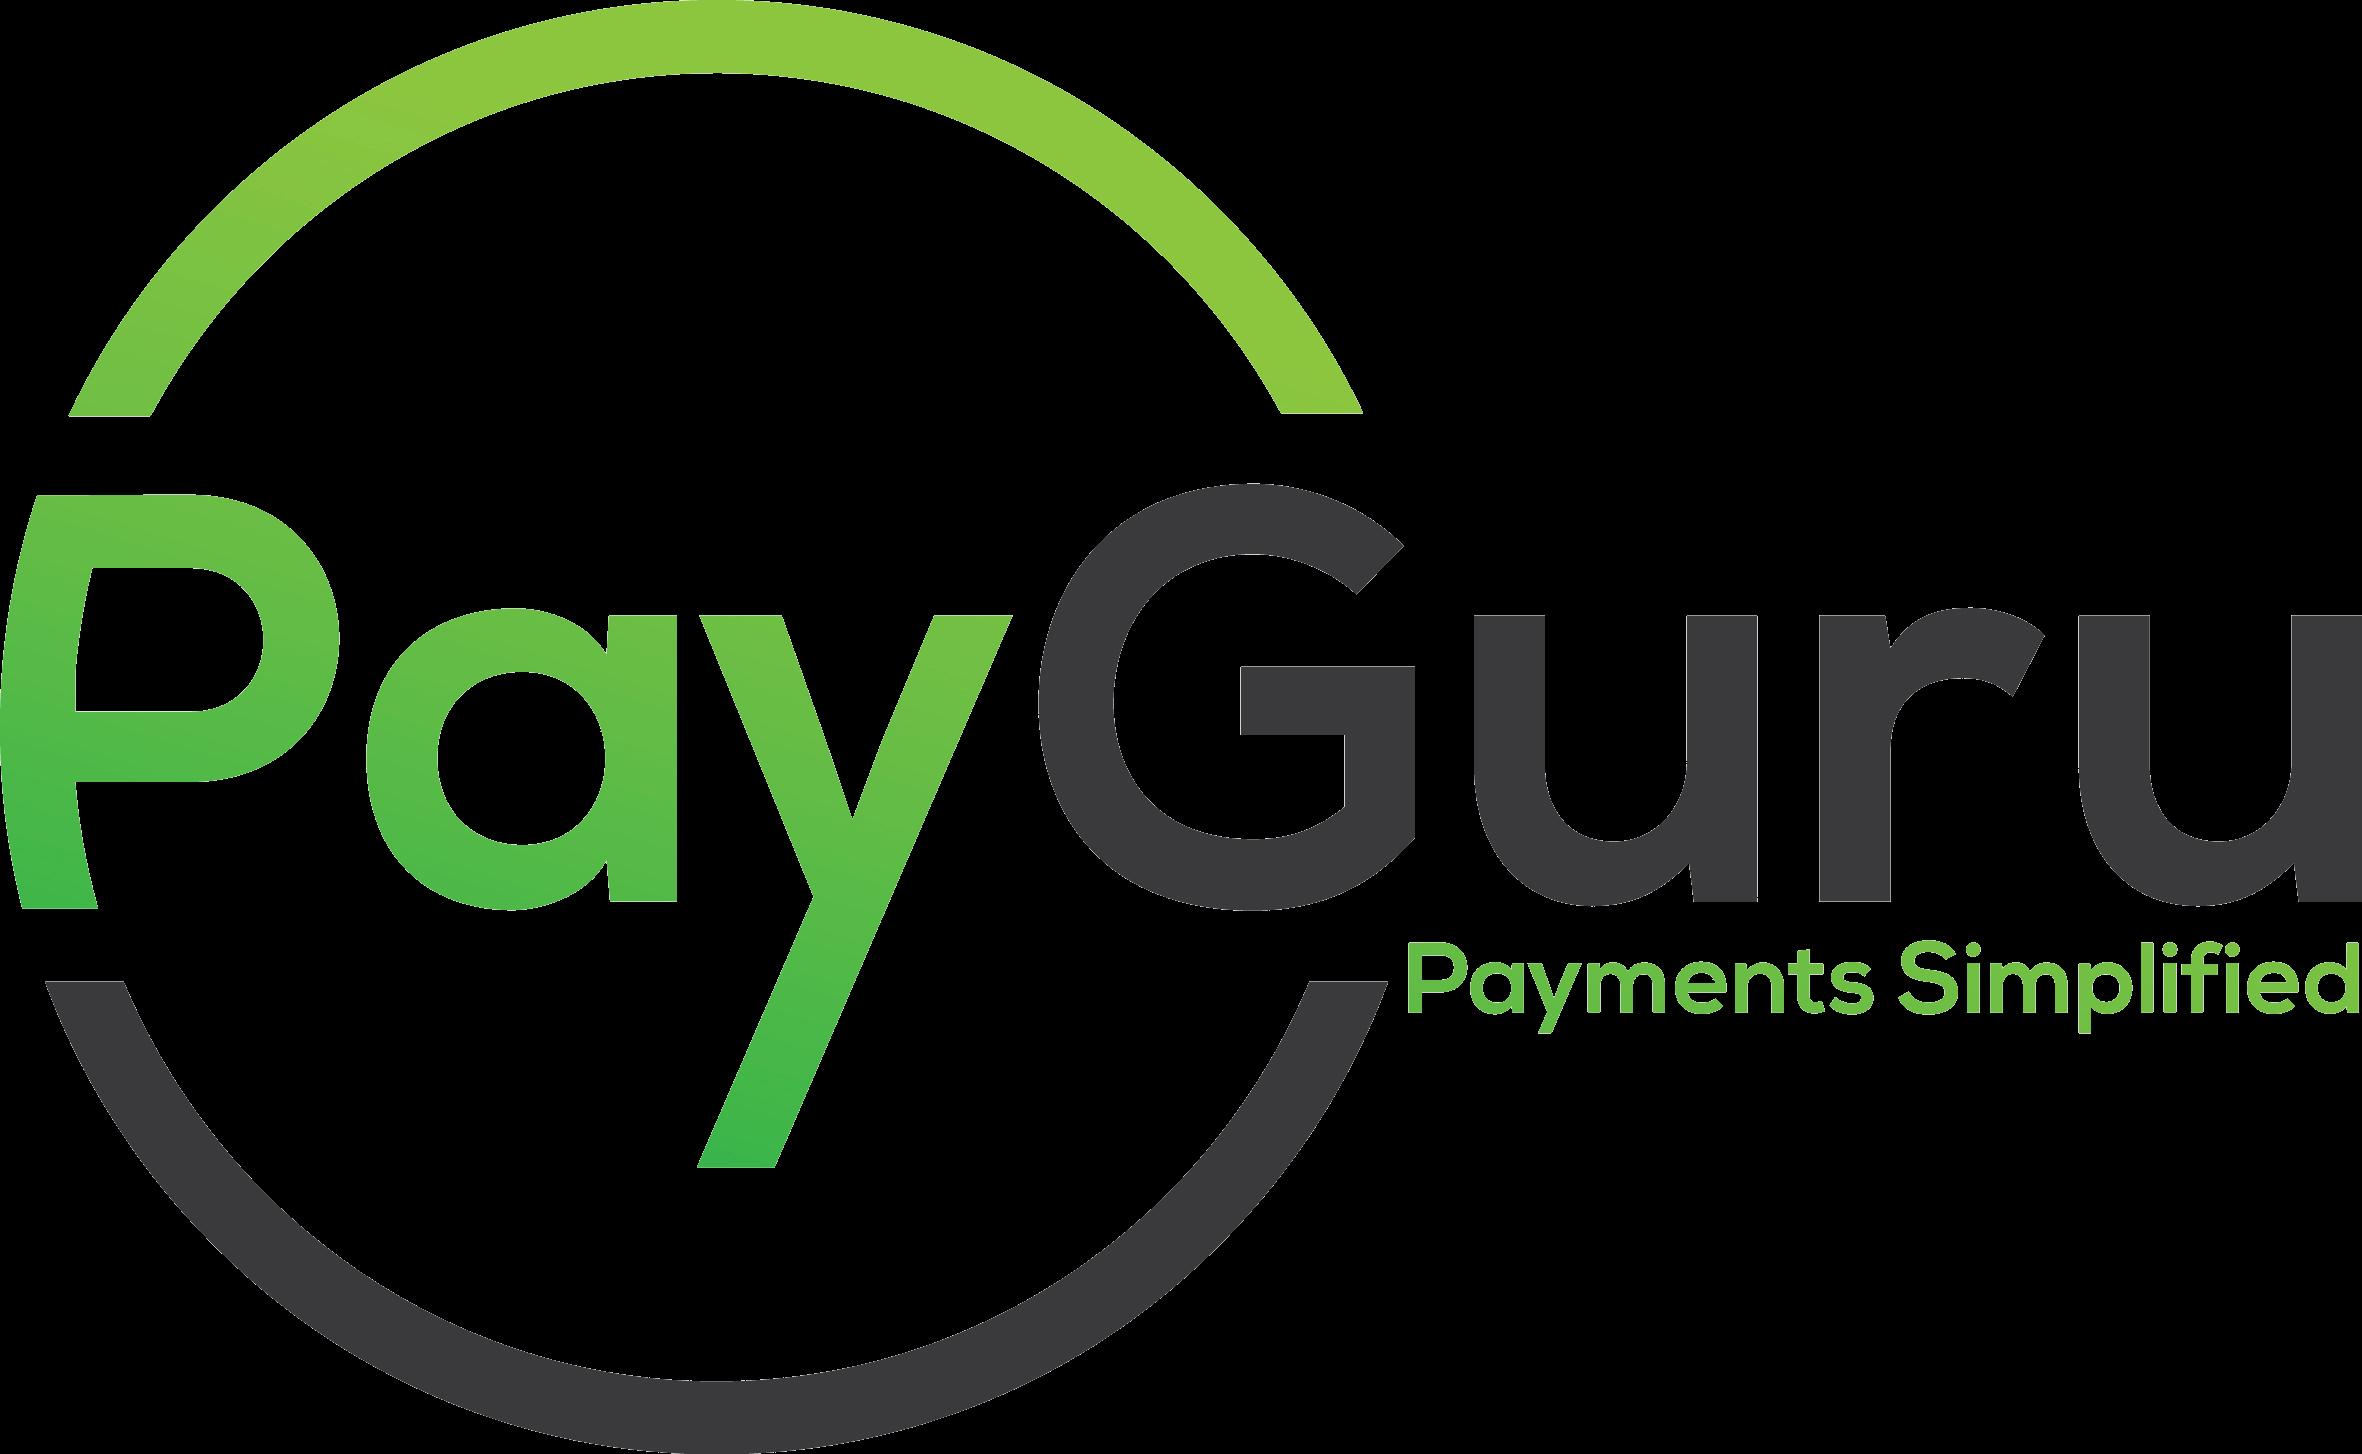 Payguru logo